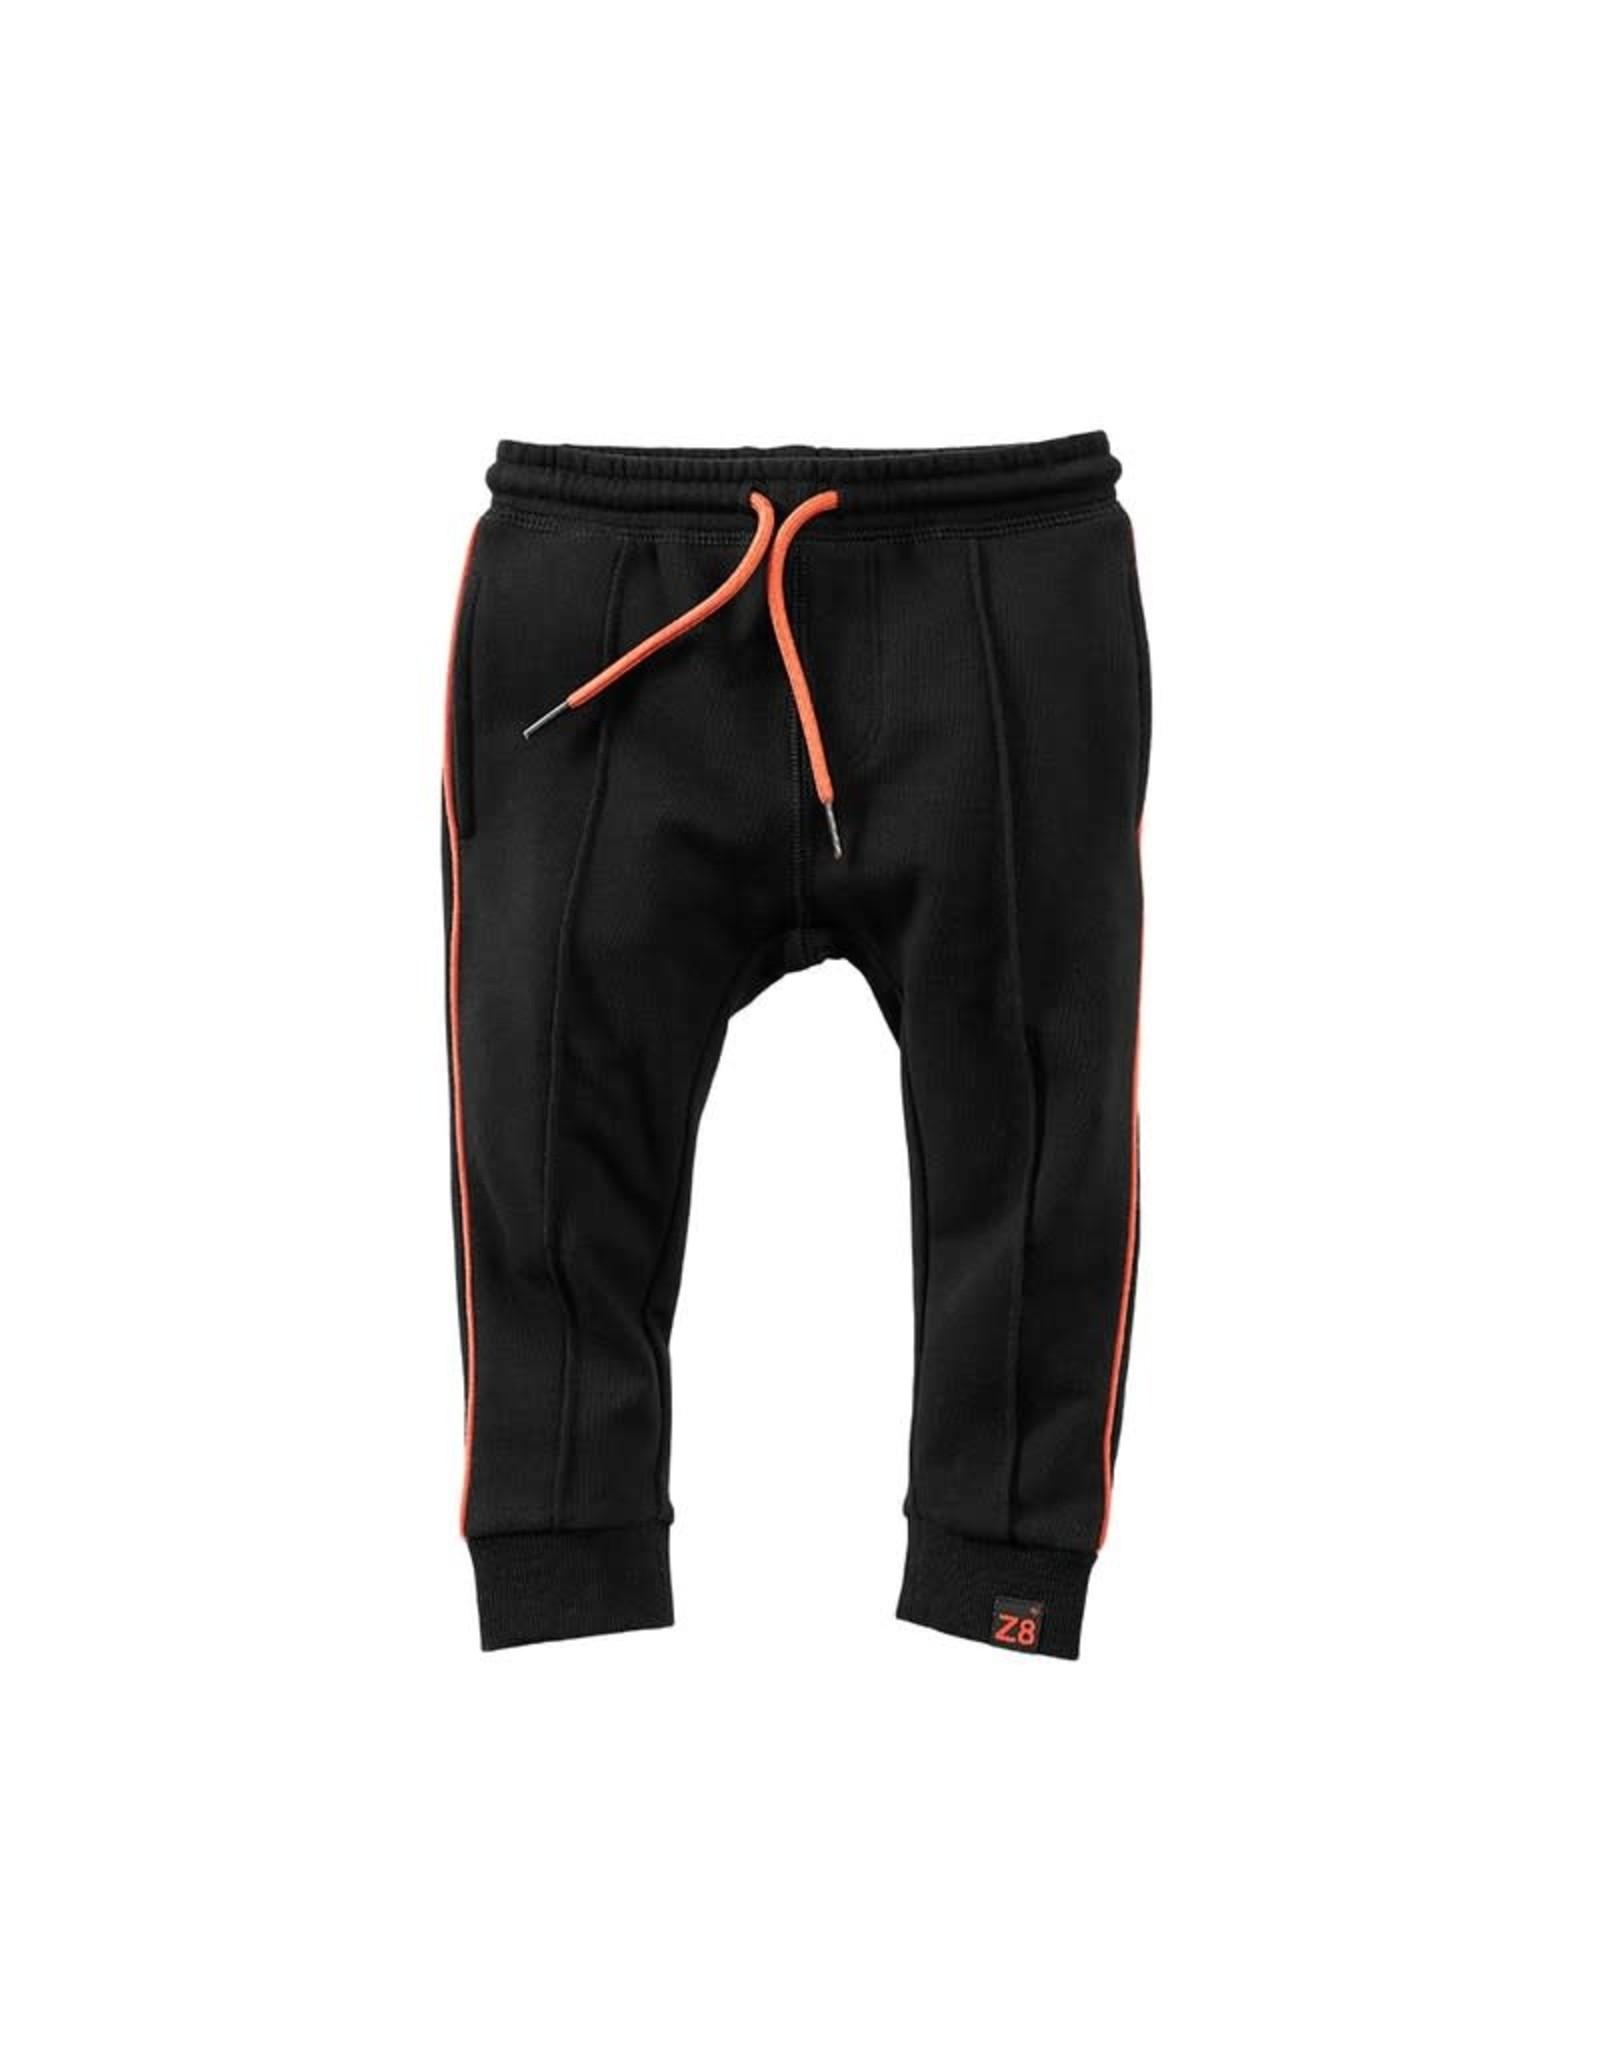 Z8 Duko Sweatpants